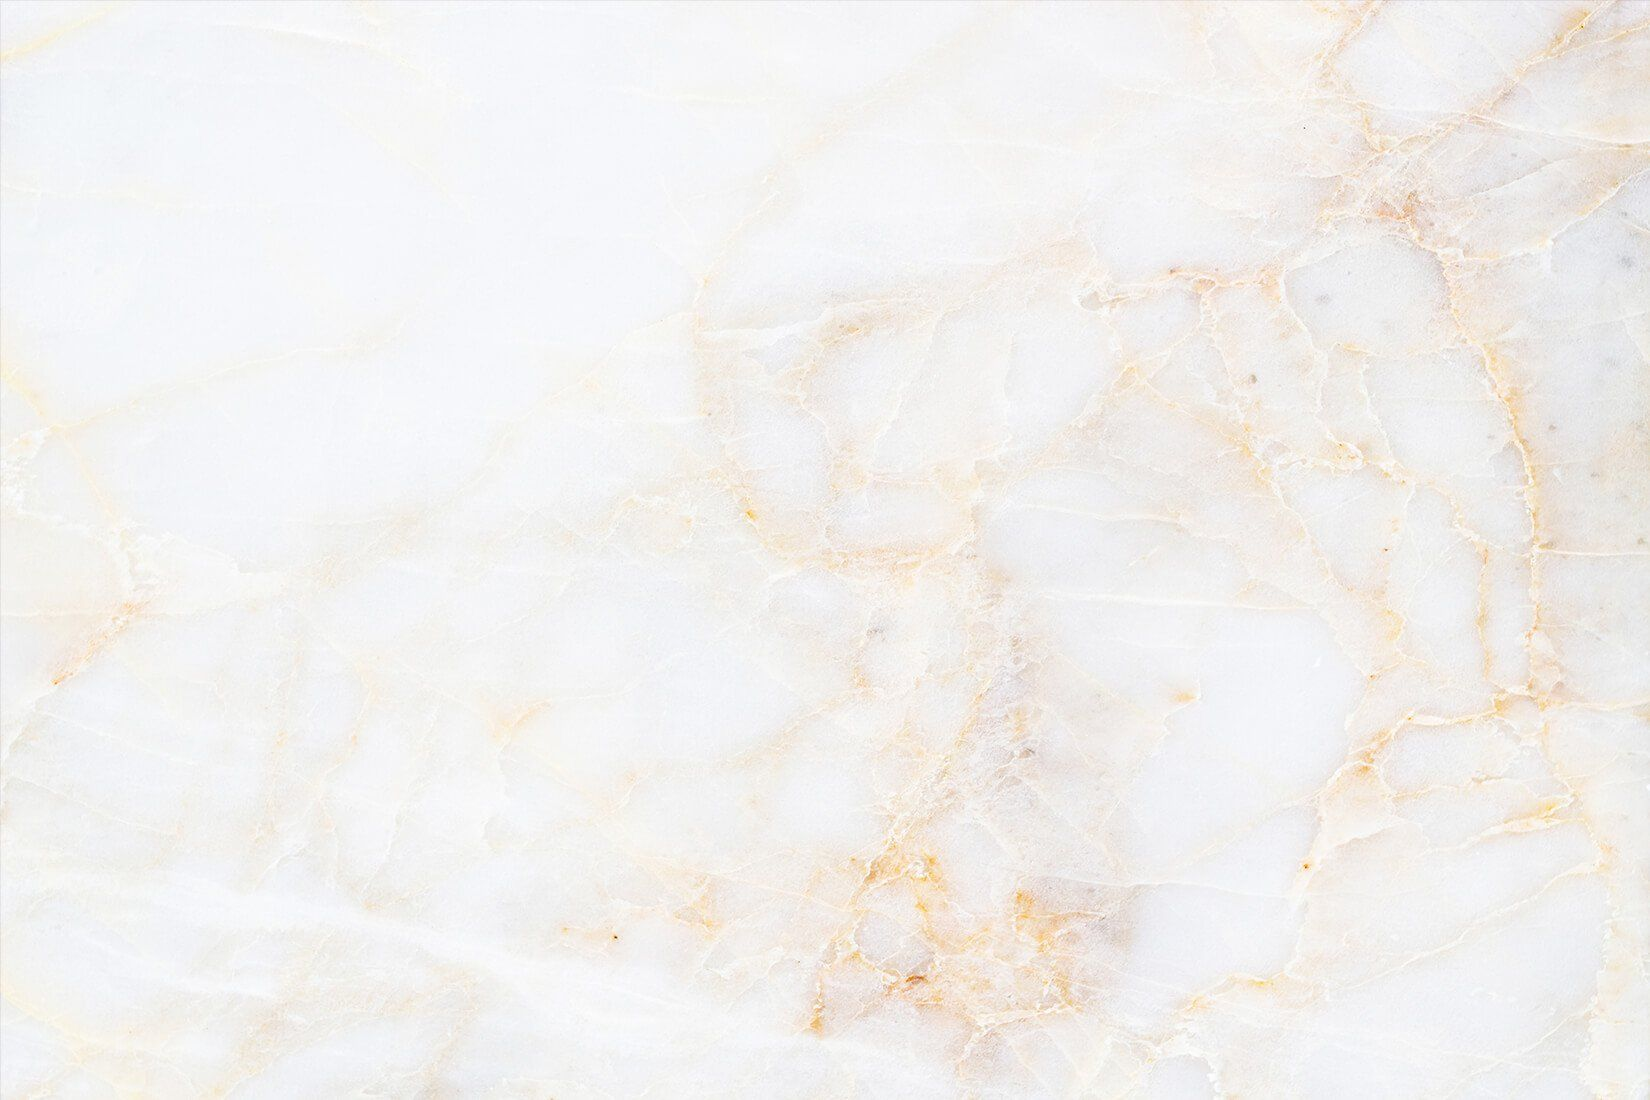 Fantastic Wallpaper Marble Plain - b9f4af60877af76b9927f6c26dd055e9  Pictures_904716.jpg